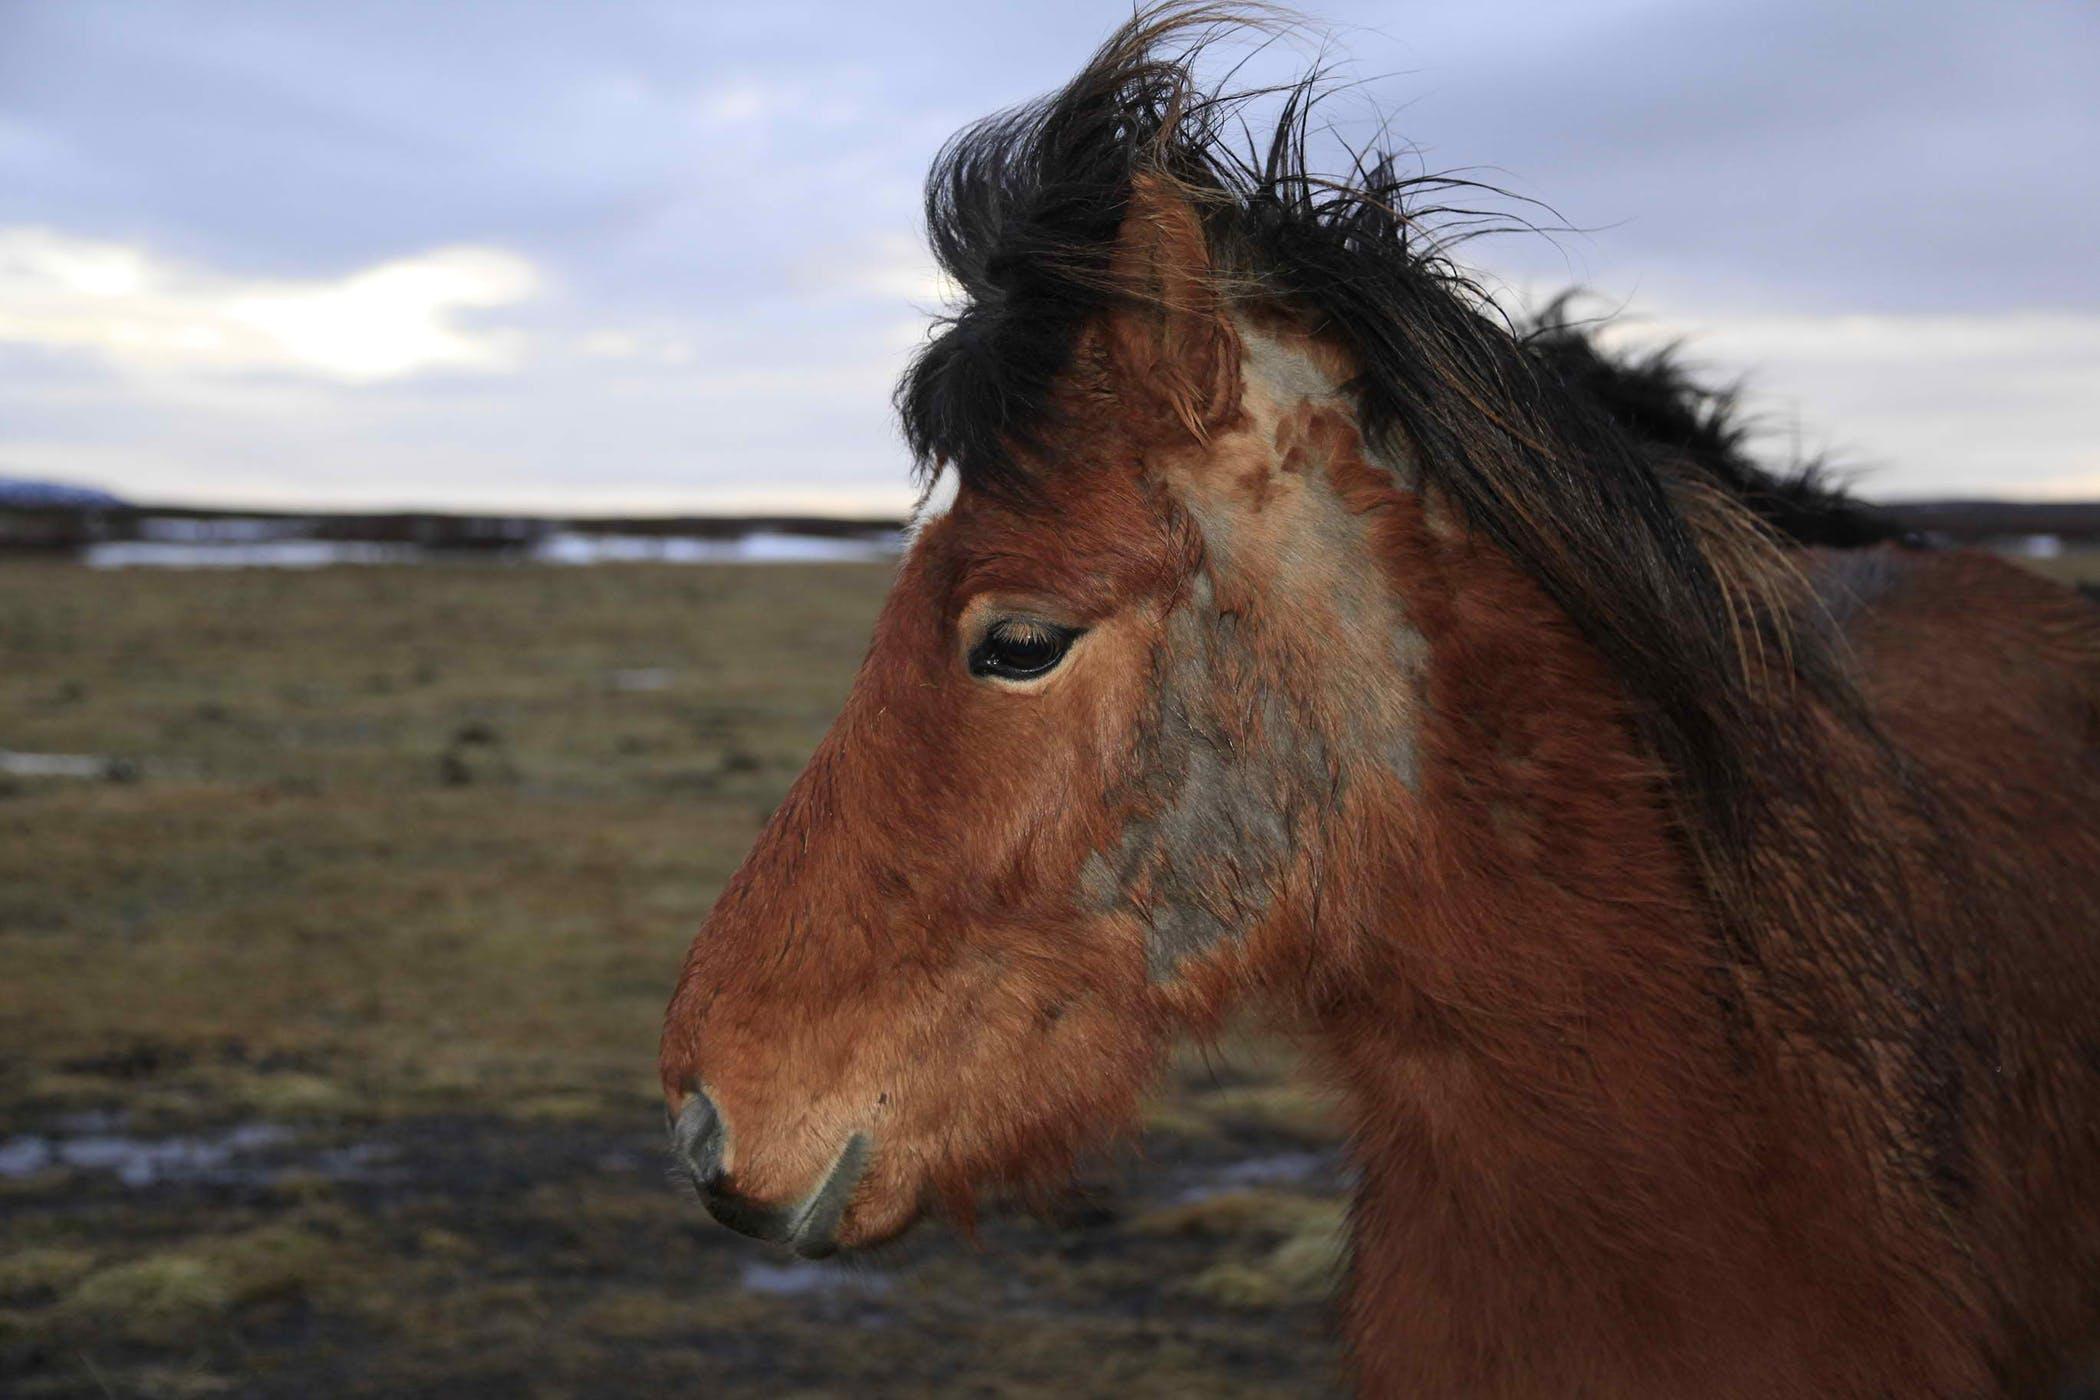 Hair Loss (Alopecia) in Horses - Symptoms, Causes, Diagnosis